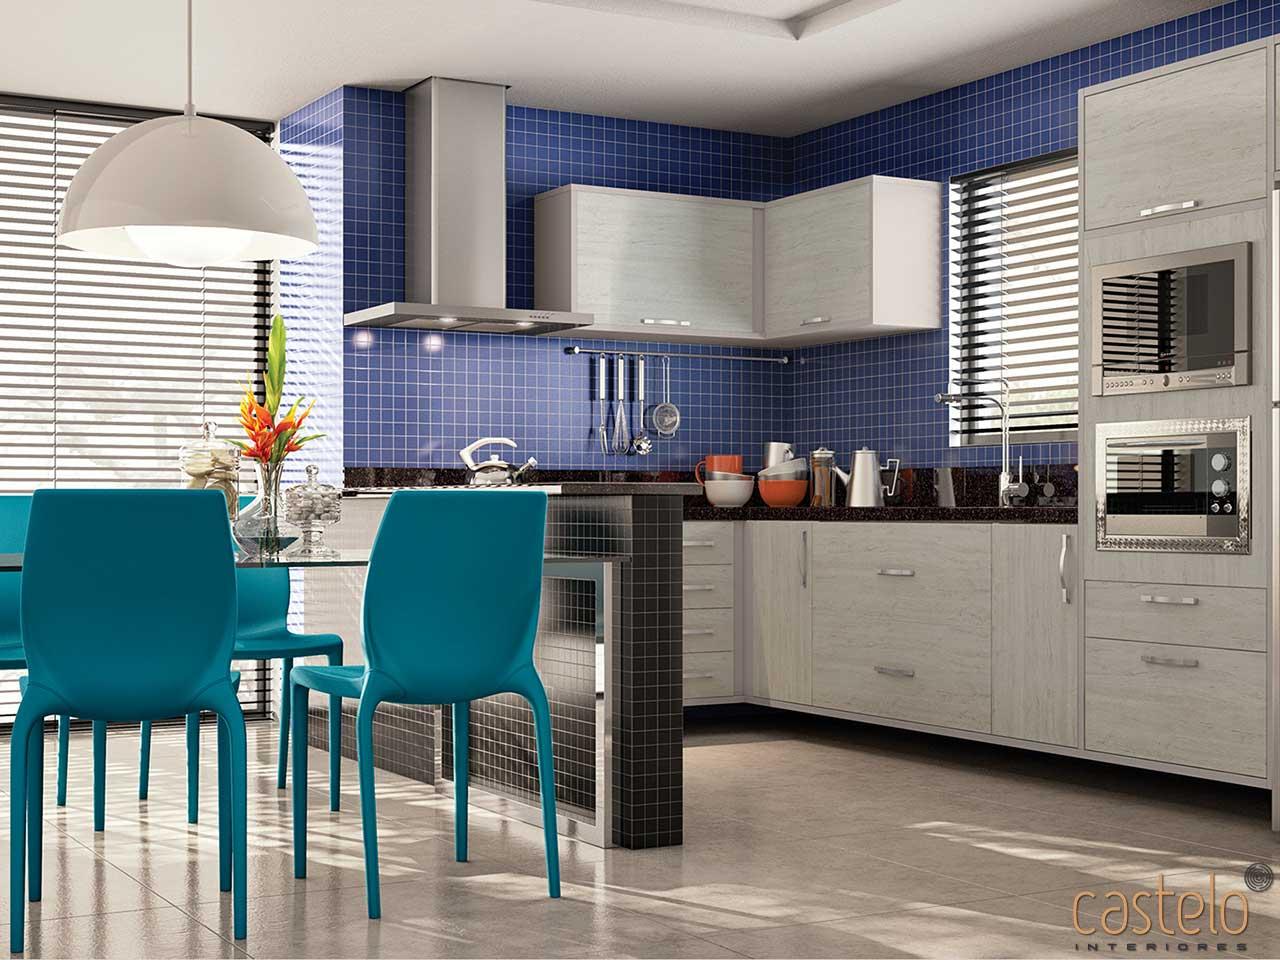 castelo-interiores-cozinha2